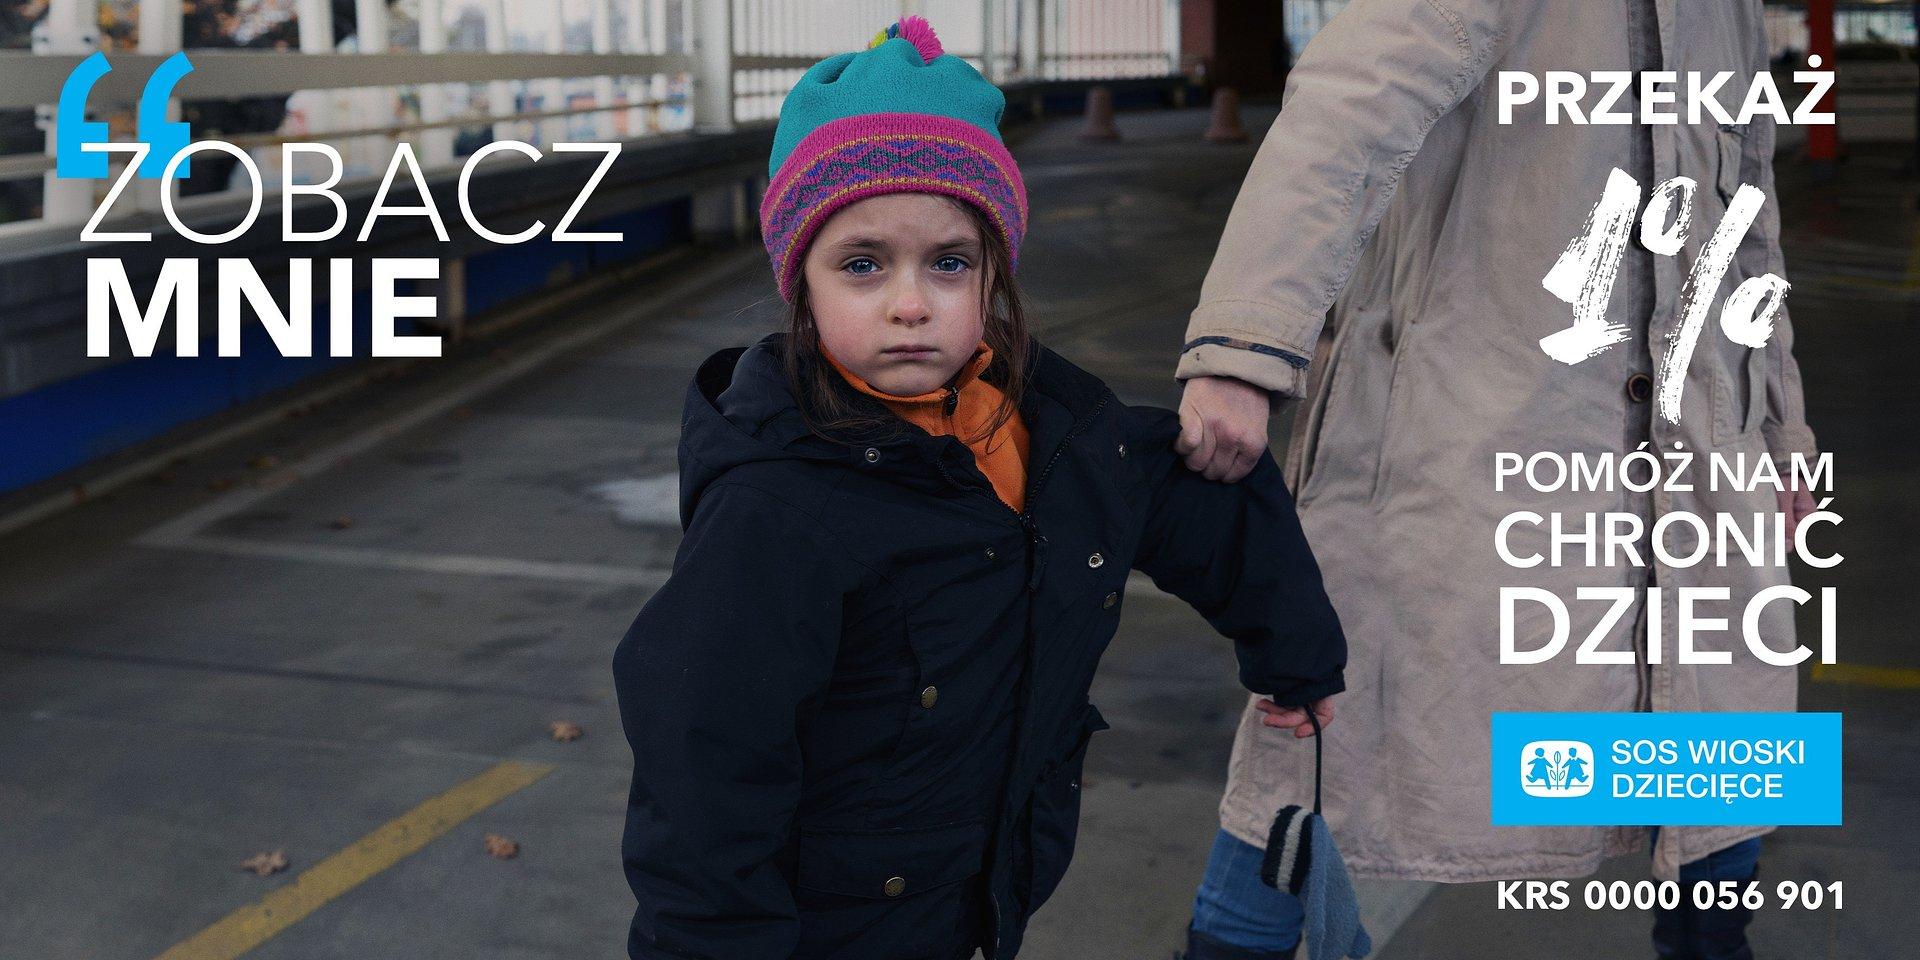 """""""Zobacz mnie"""" – Kampania 1% Stowarzyszenia SOS Wioski Dziecięce"""